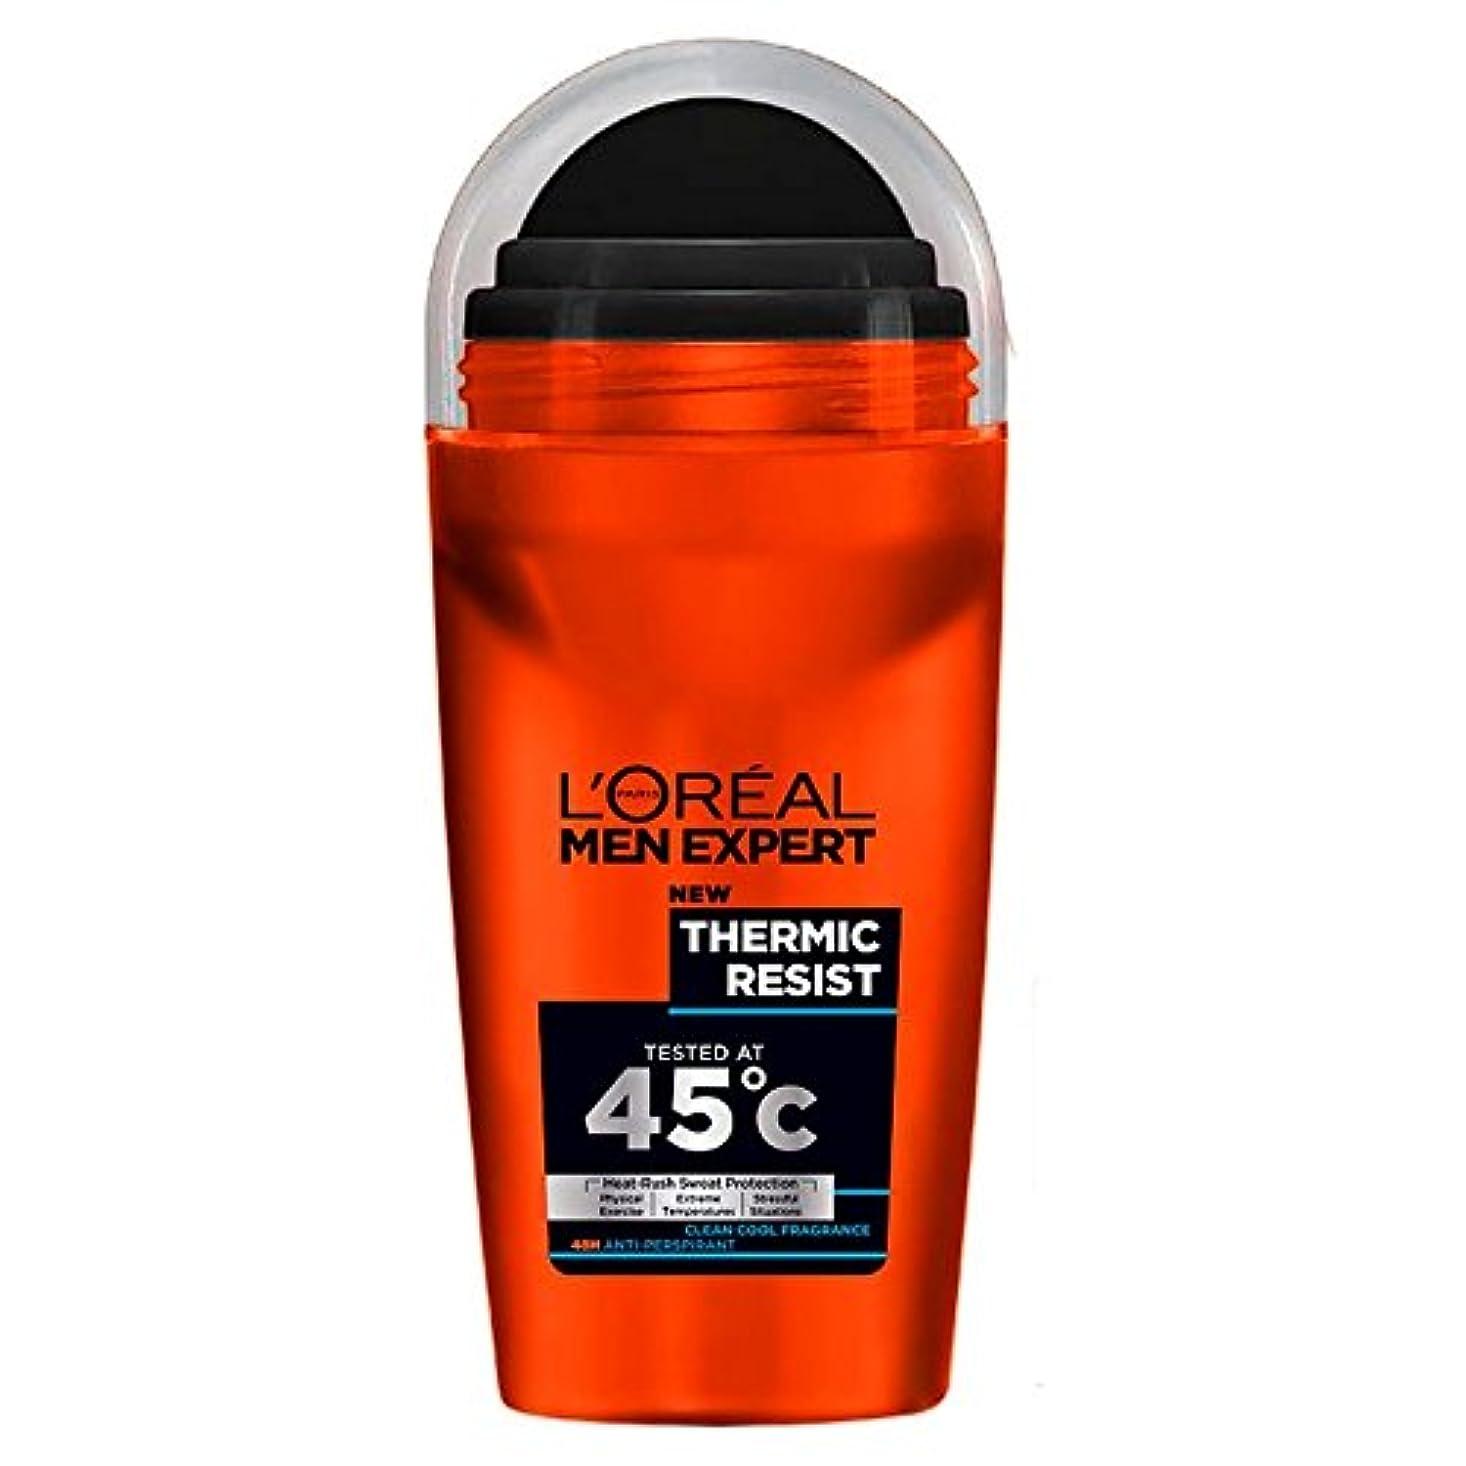 幸運受賞不規則なL'Oreal Paris Men Expert Deodorant Roll-On - Thermic Resist (50ml) L'オラ?アルパリのメンズ専門デオドラントロールオン - サーミックにレジスト( 50ミリリットル) [並行輸入品]